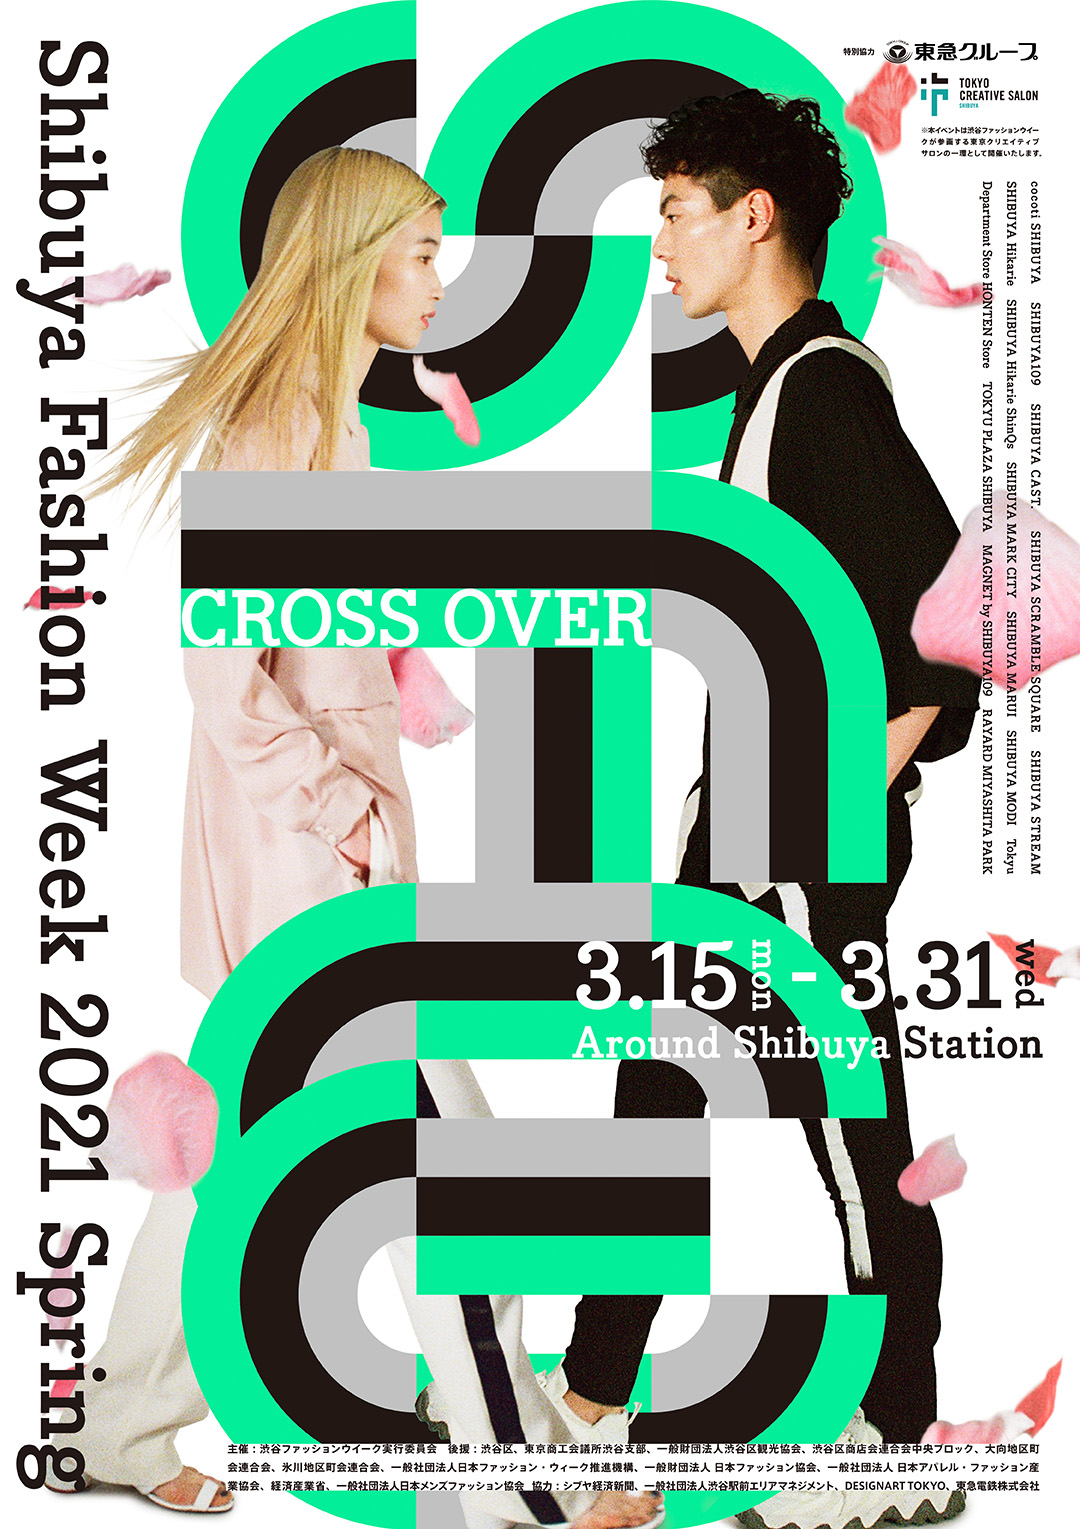 「第15回 渋谷ファッションウイーク」世界初の渋谷スクランブル交差点ランウェイショーや分散回遊型イベントFASHIONARTを展開